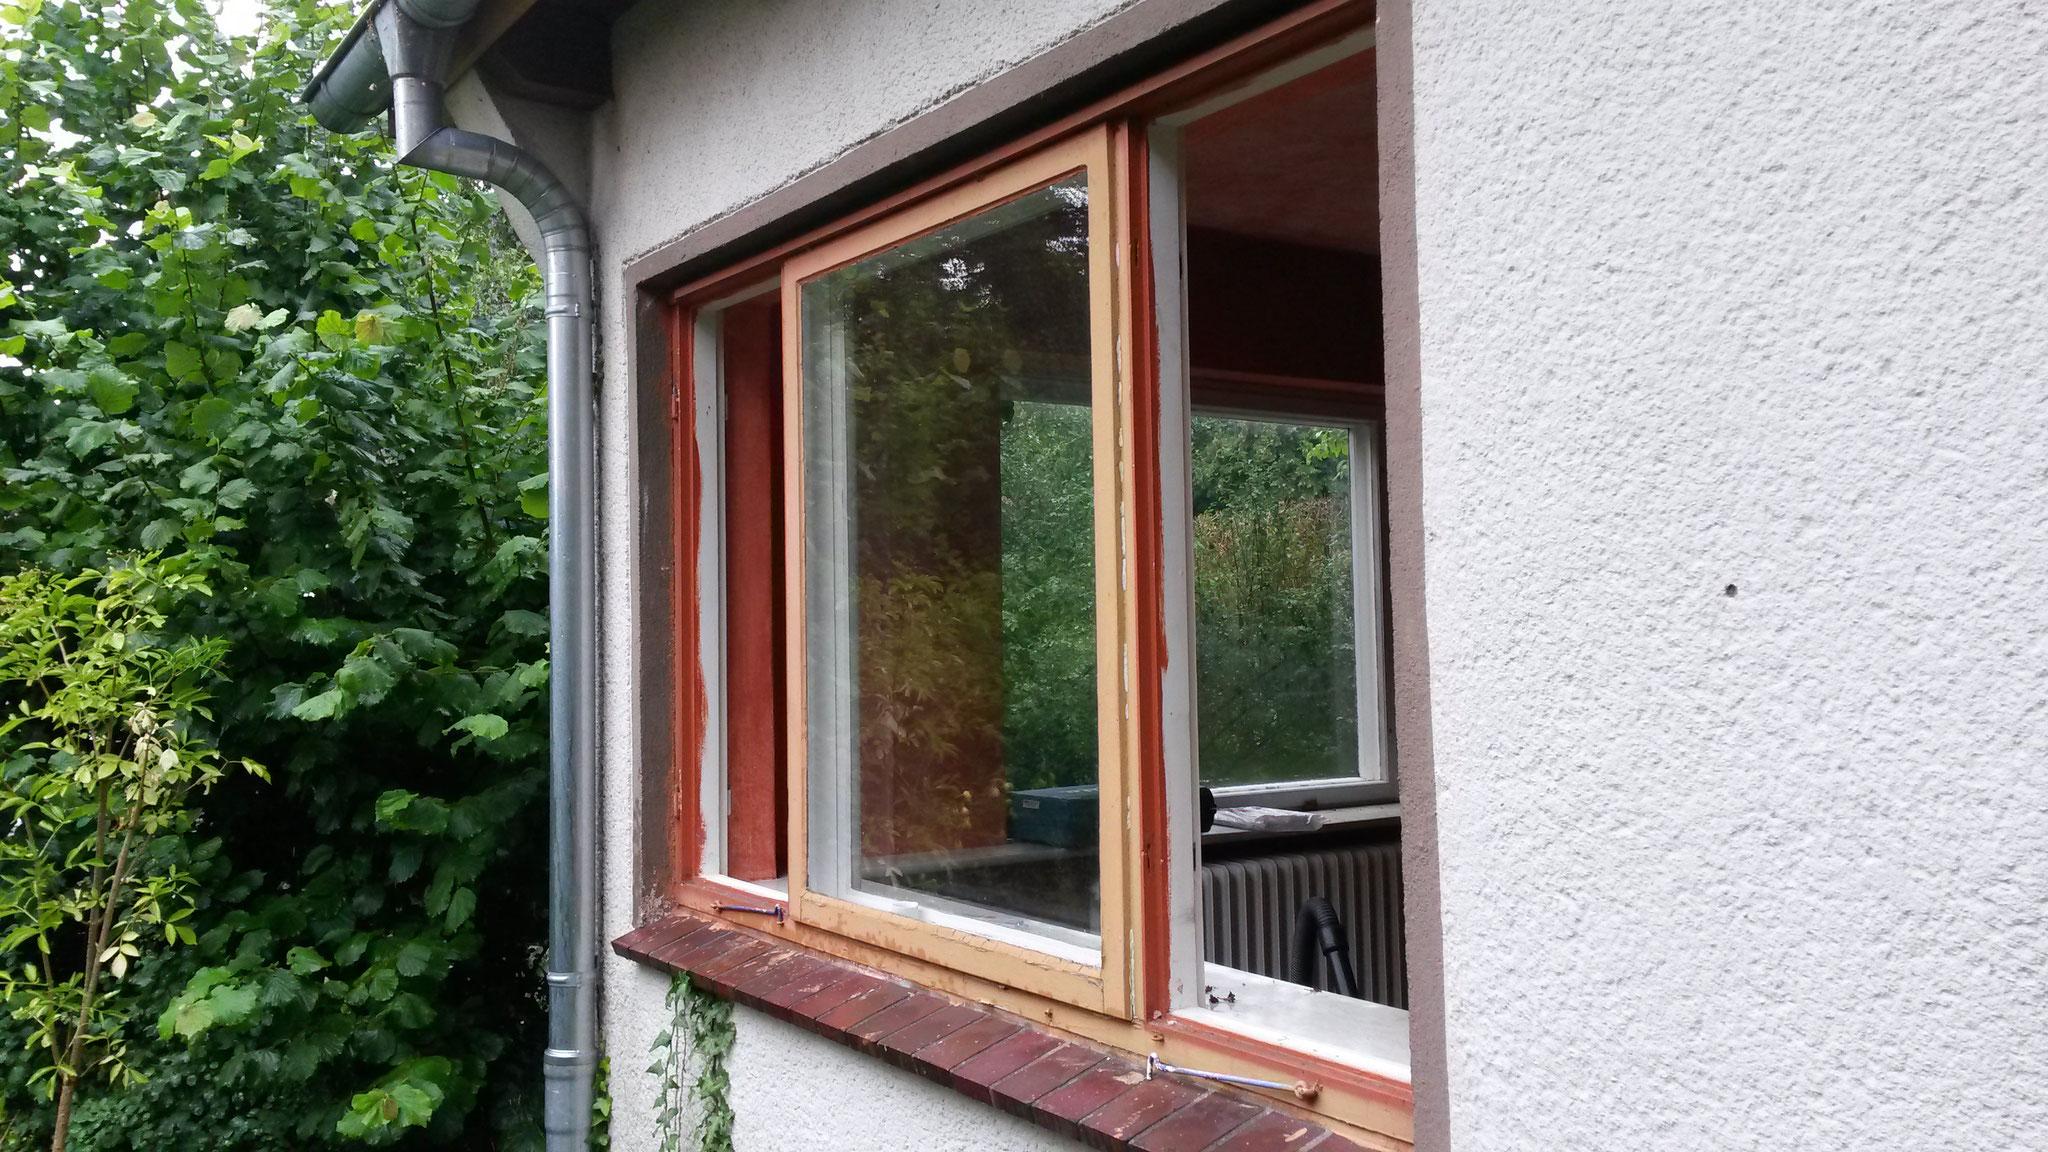 Isolierverglaste fenster isolierverglaste aufdoppelung for Kunststofffenster einstellen